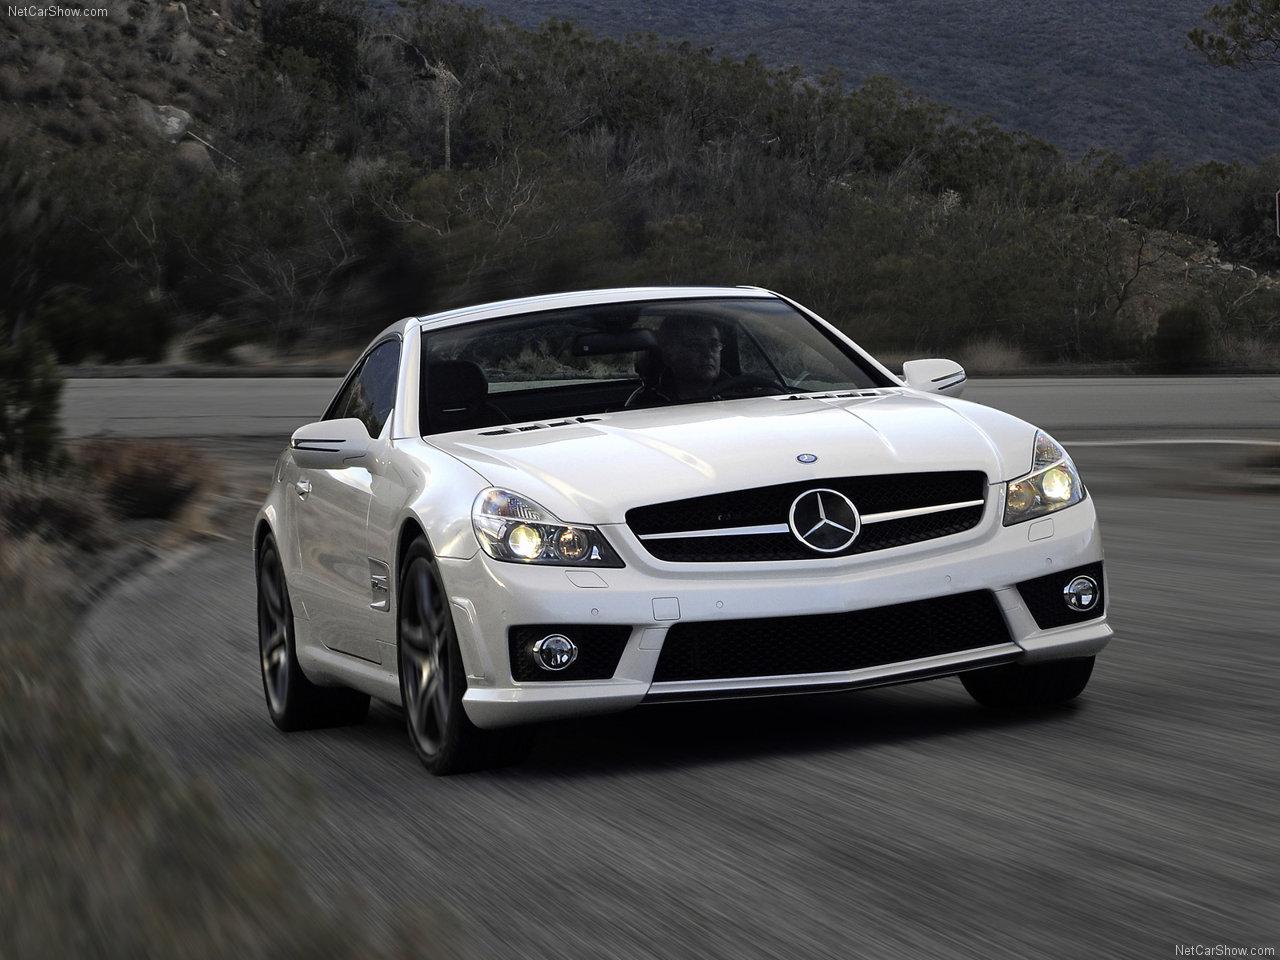 http://3.bp.blogspot.com/-tszjZwdaiu8/TWnG4D9D9eI/AAAAAAACLOw/Hse5exl0SiA/s1600/Mercedes-Benz-SL65_AMG_2009_1280x960_wallpaper_02.jpg